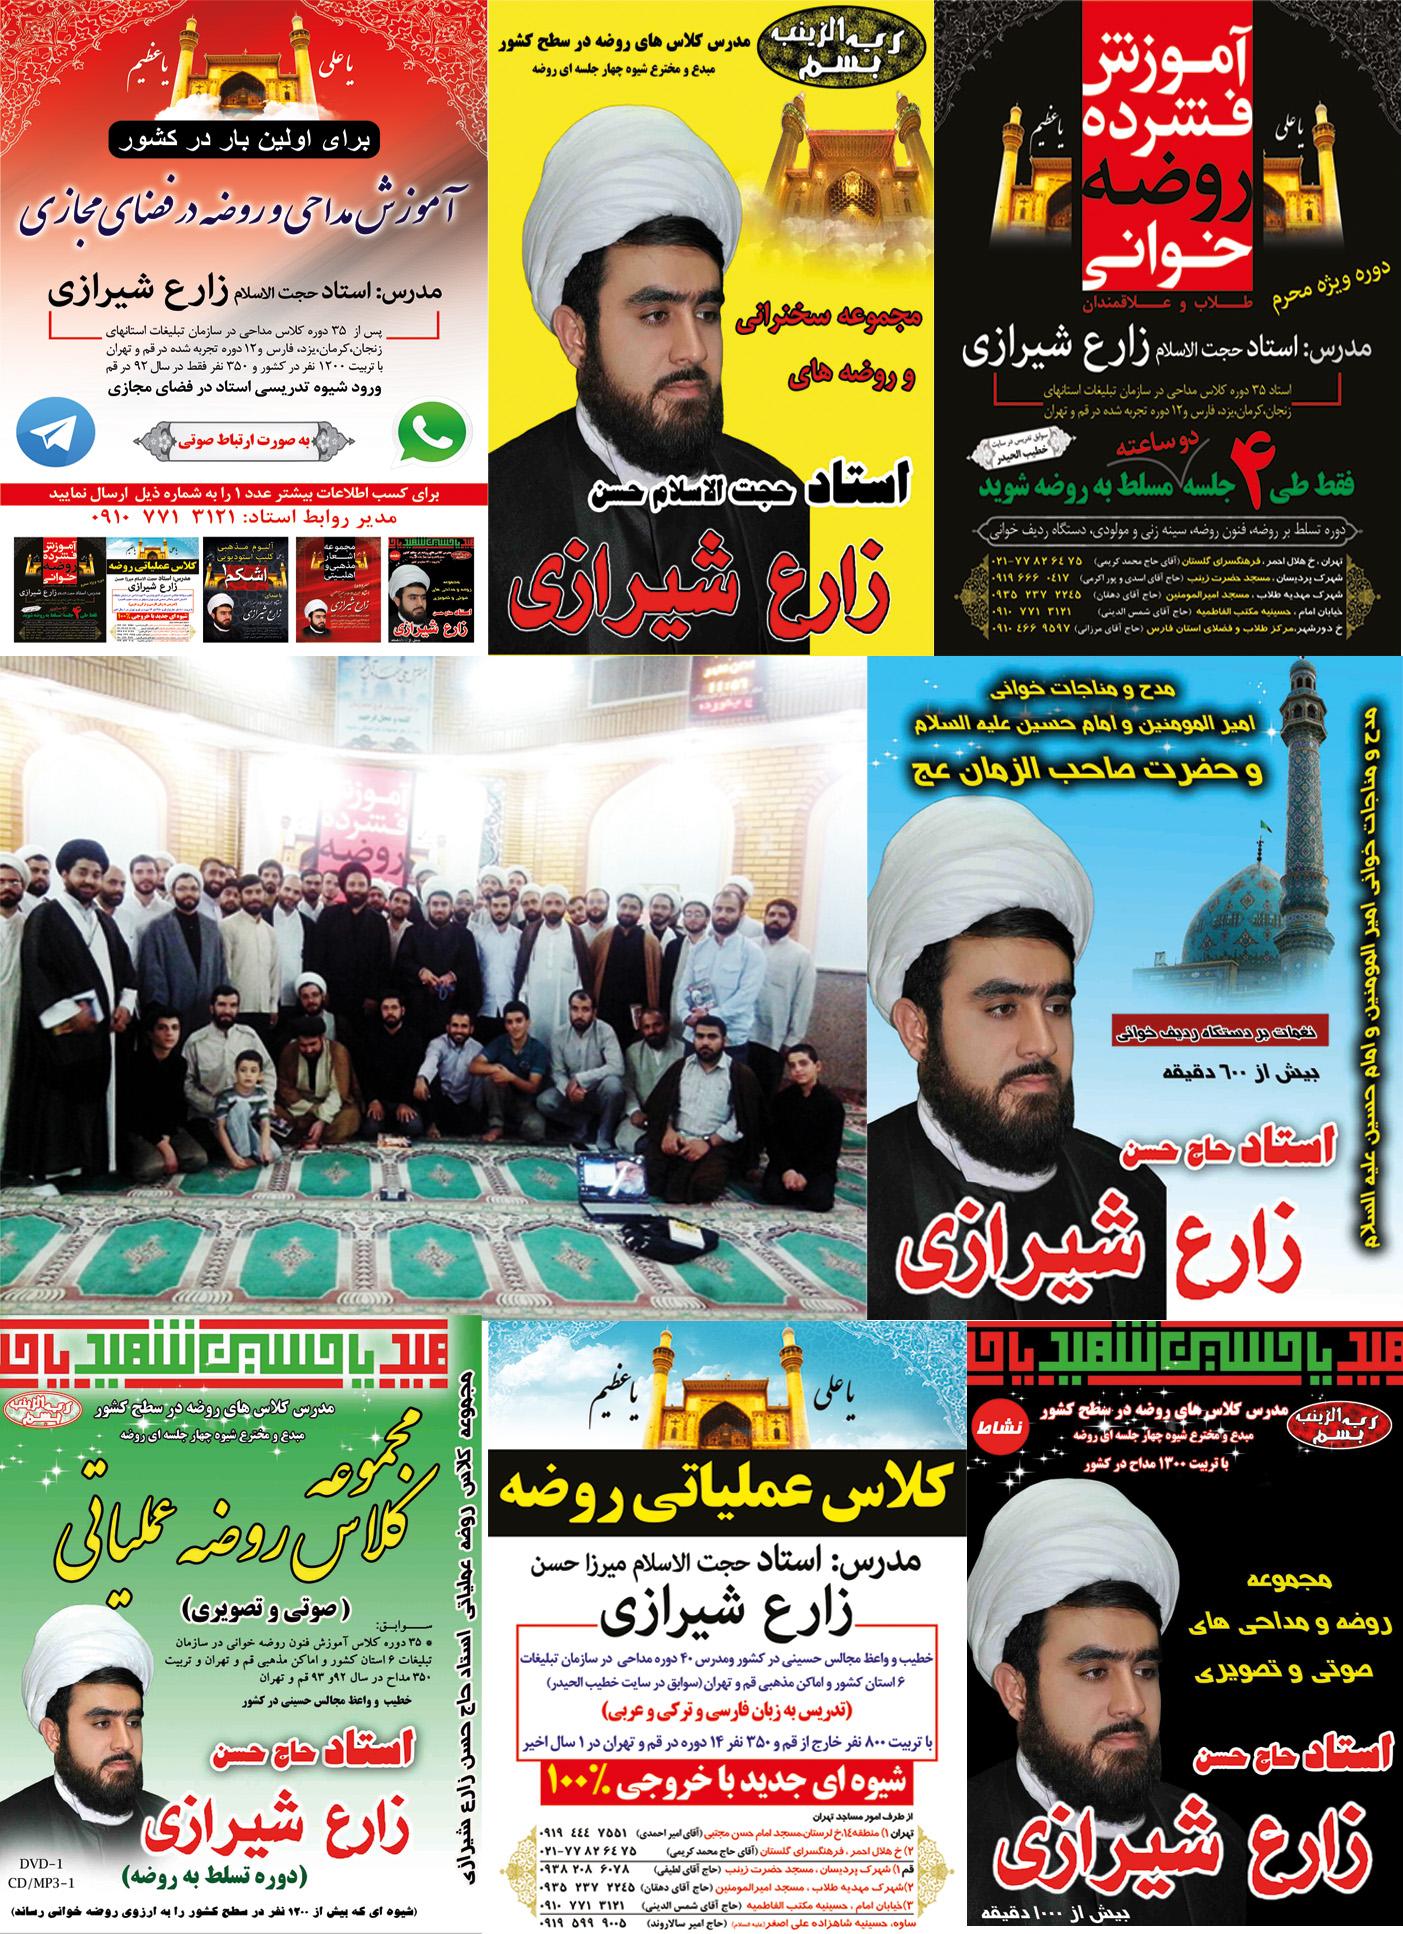 خرید مجموعه های مداحی و منبر و مناجات و کلاس مداحی استاد زارع شیرازی